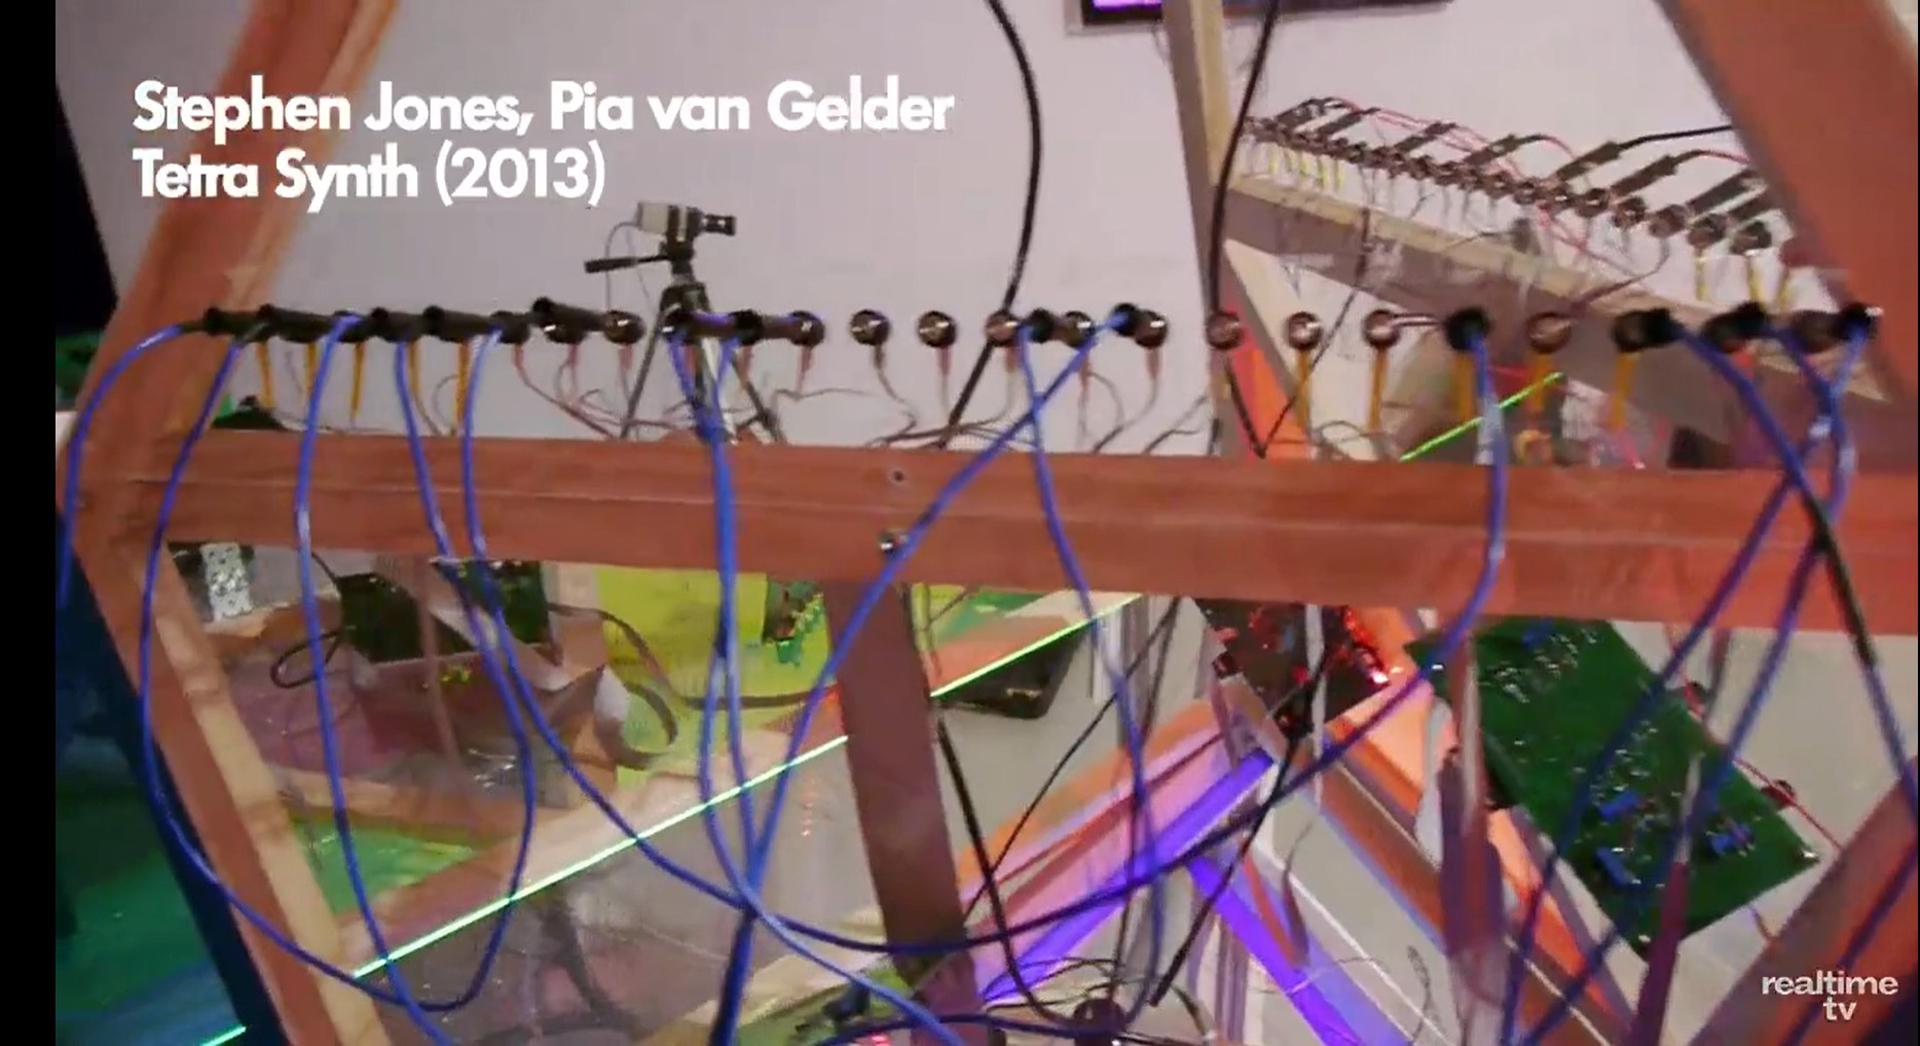 ©, Stephen Jones and Pia van Gelder, Tetra Synth